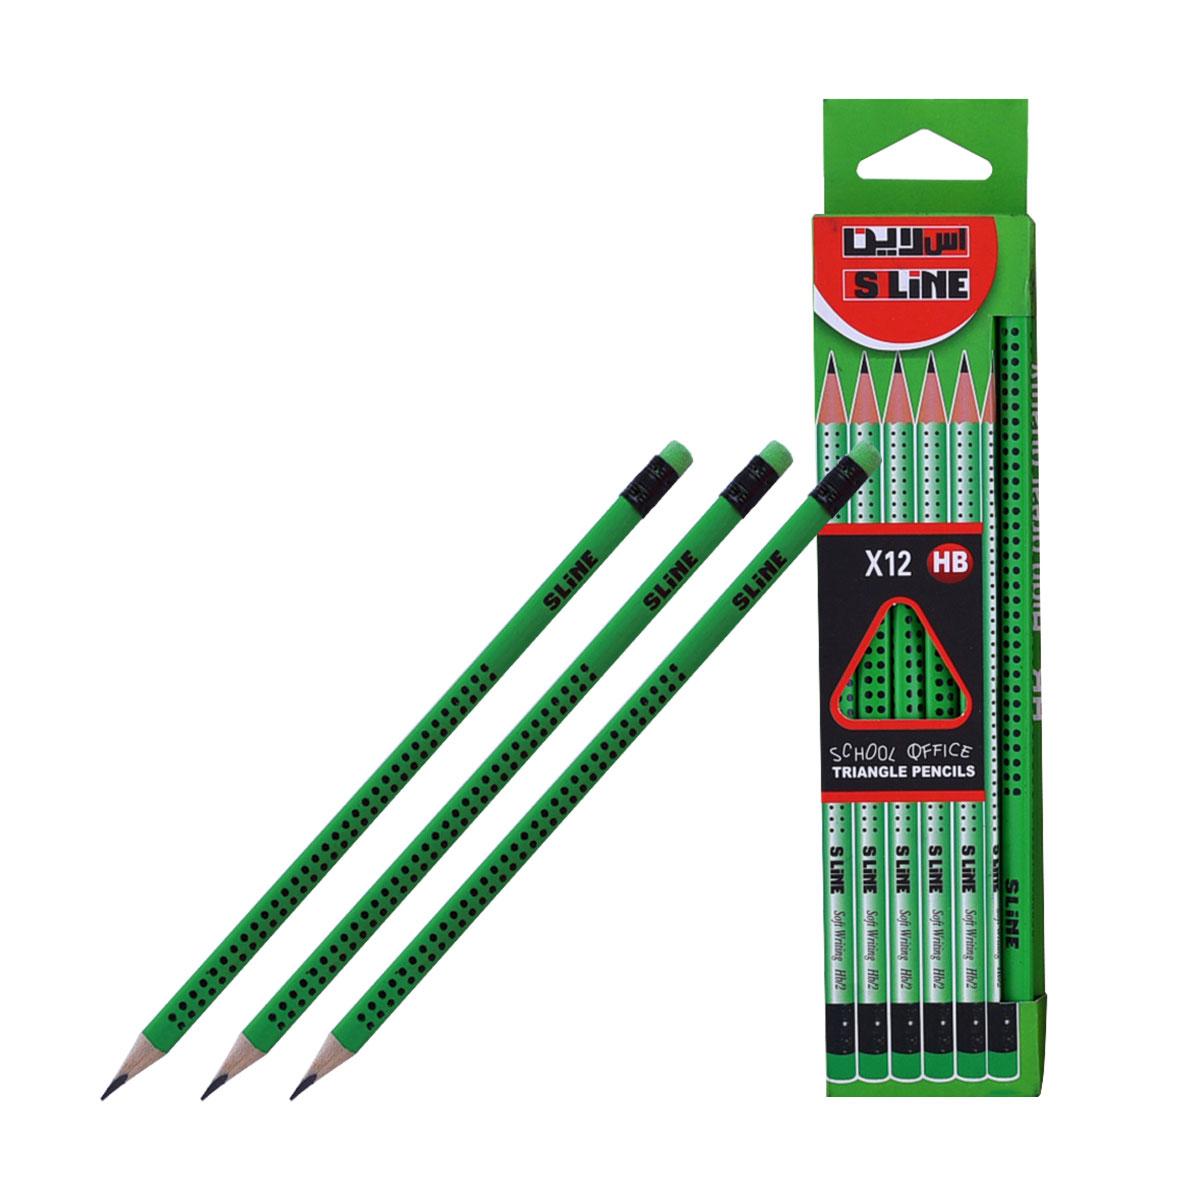 اقلام رصاص اس لاين   HB  مع ممحاة  - 12 قلم  - متعدد الالوان